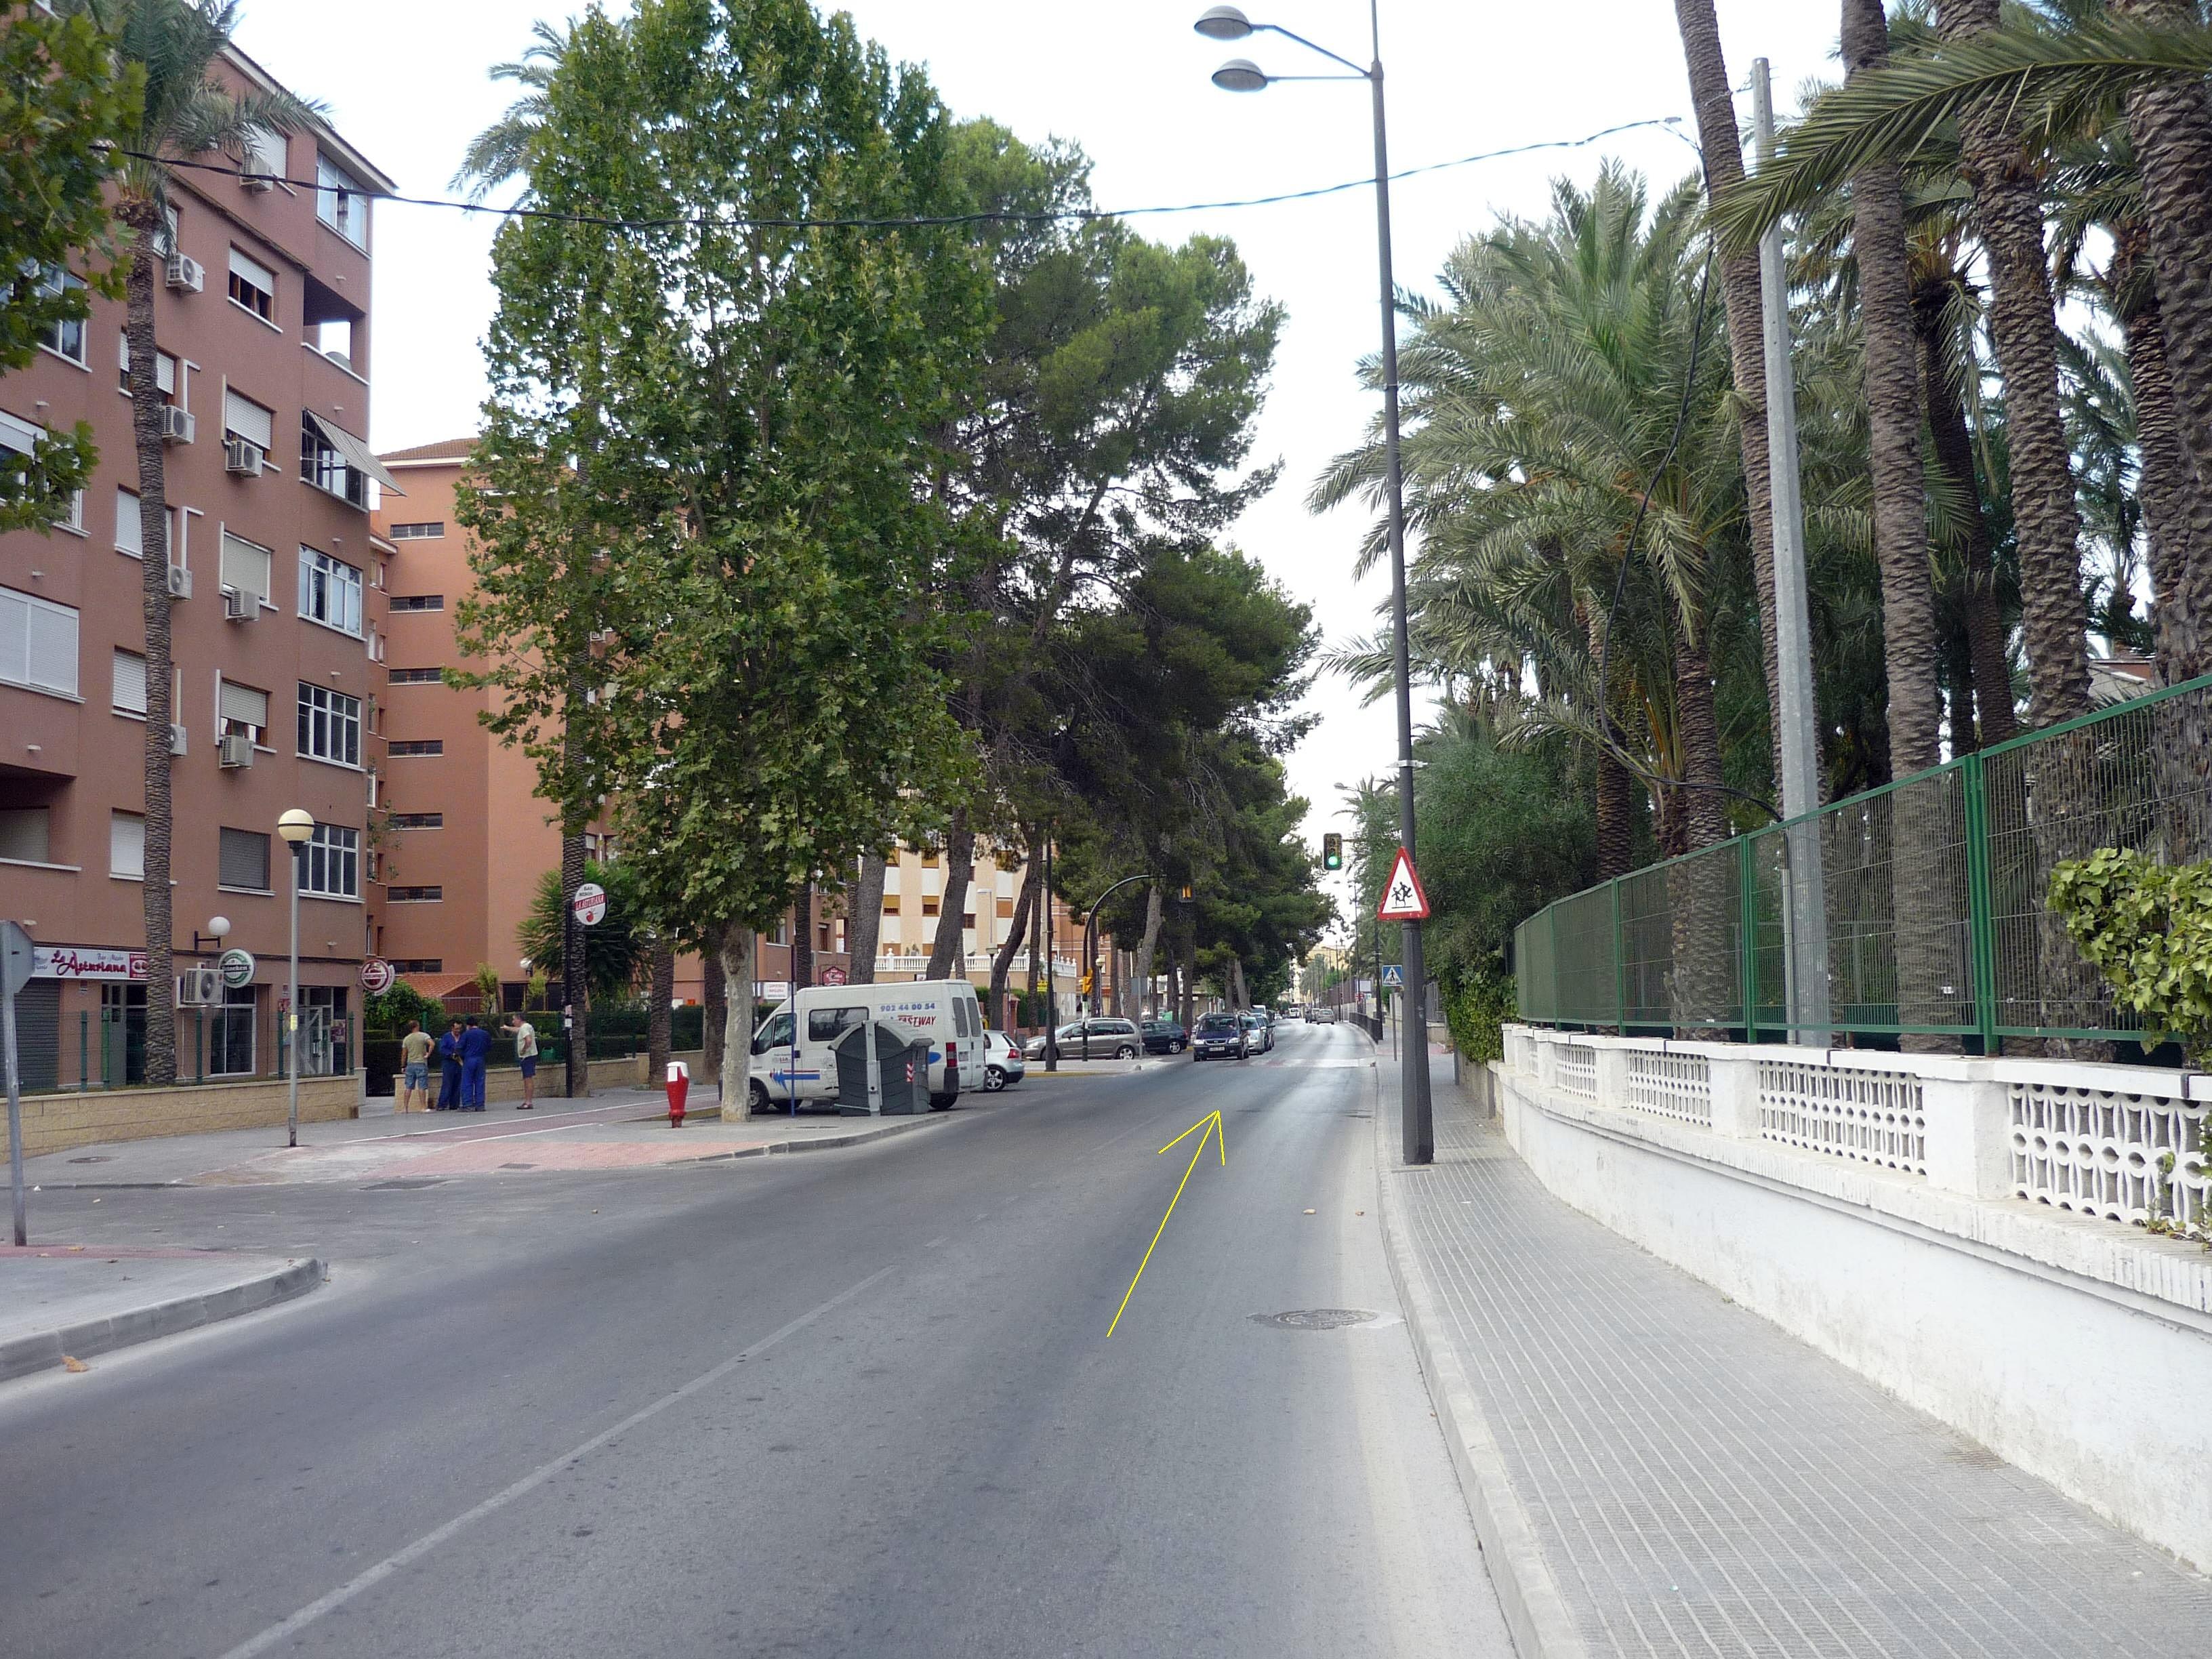 Foto nº10. Entrada en la ciudad.